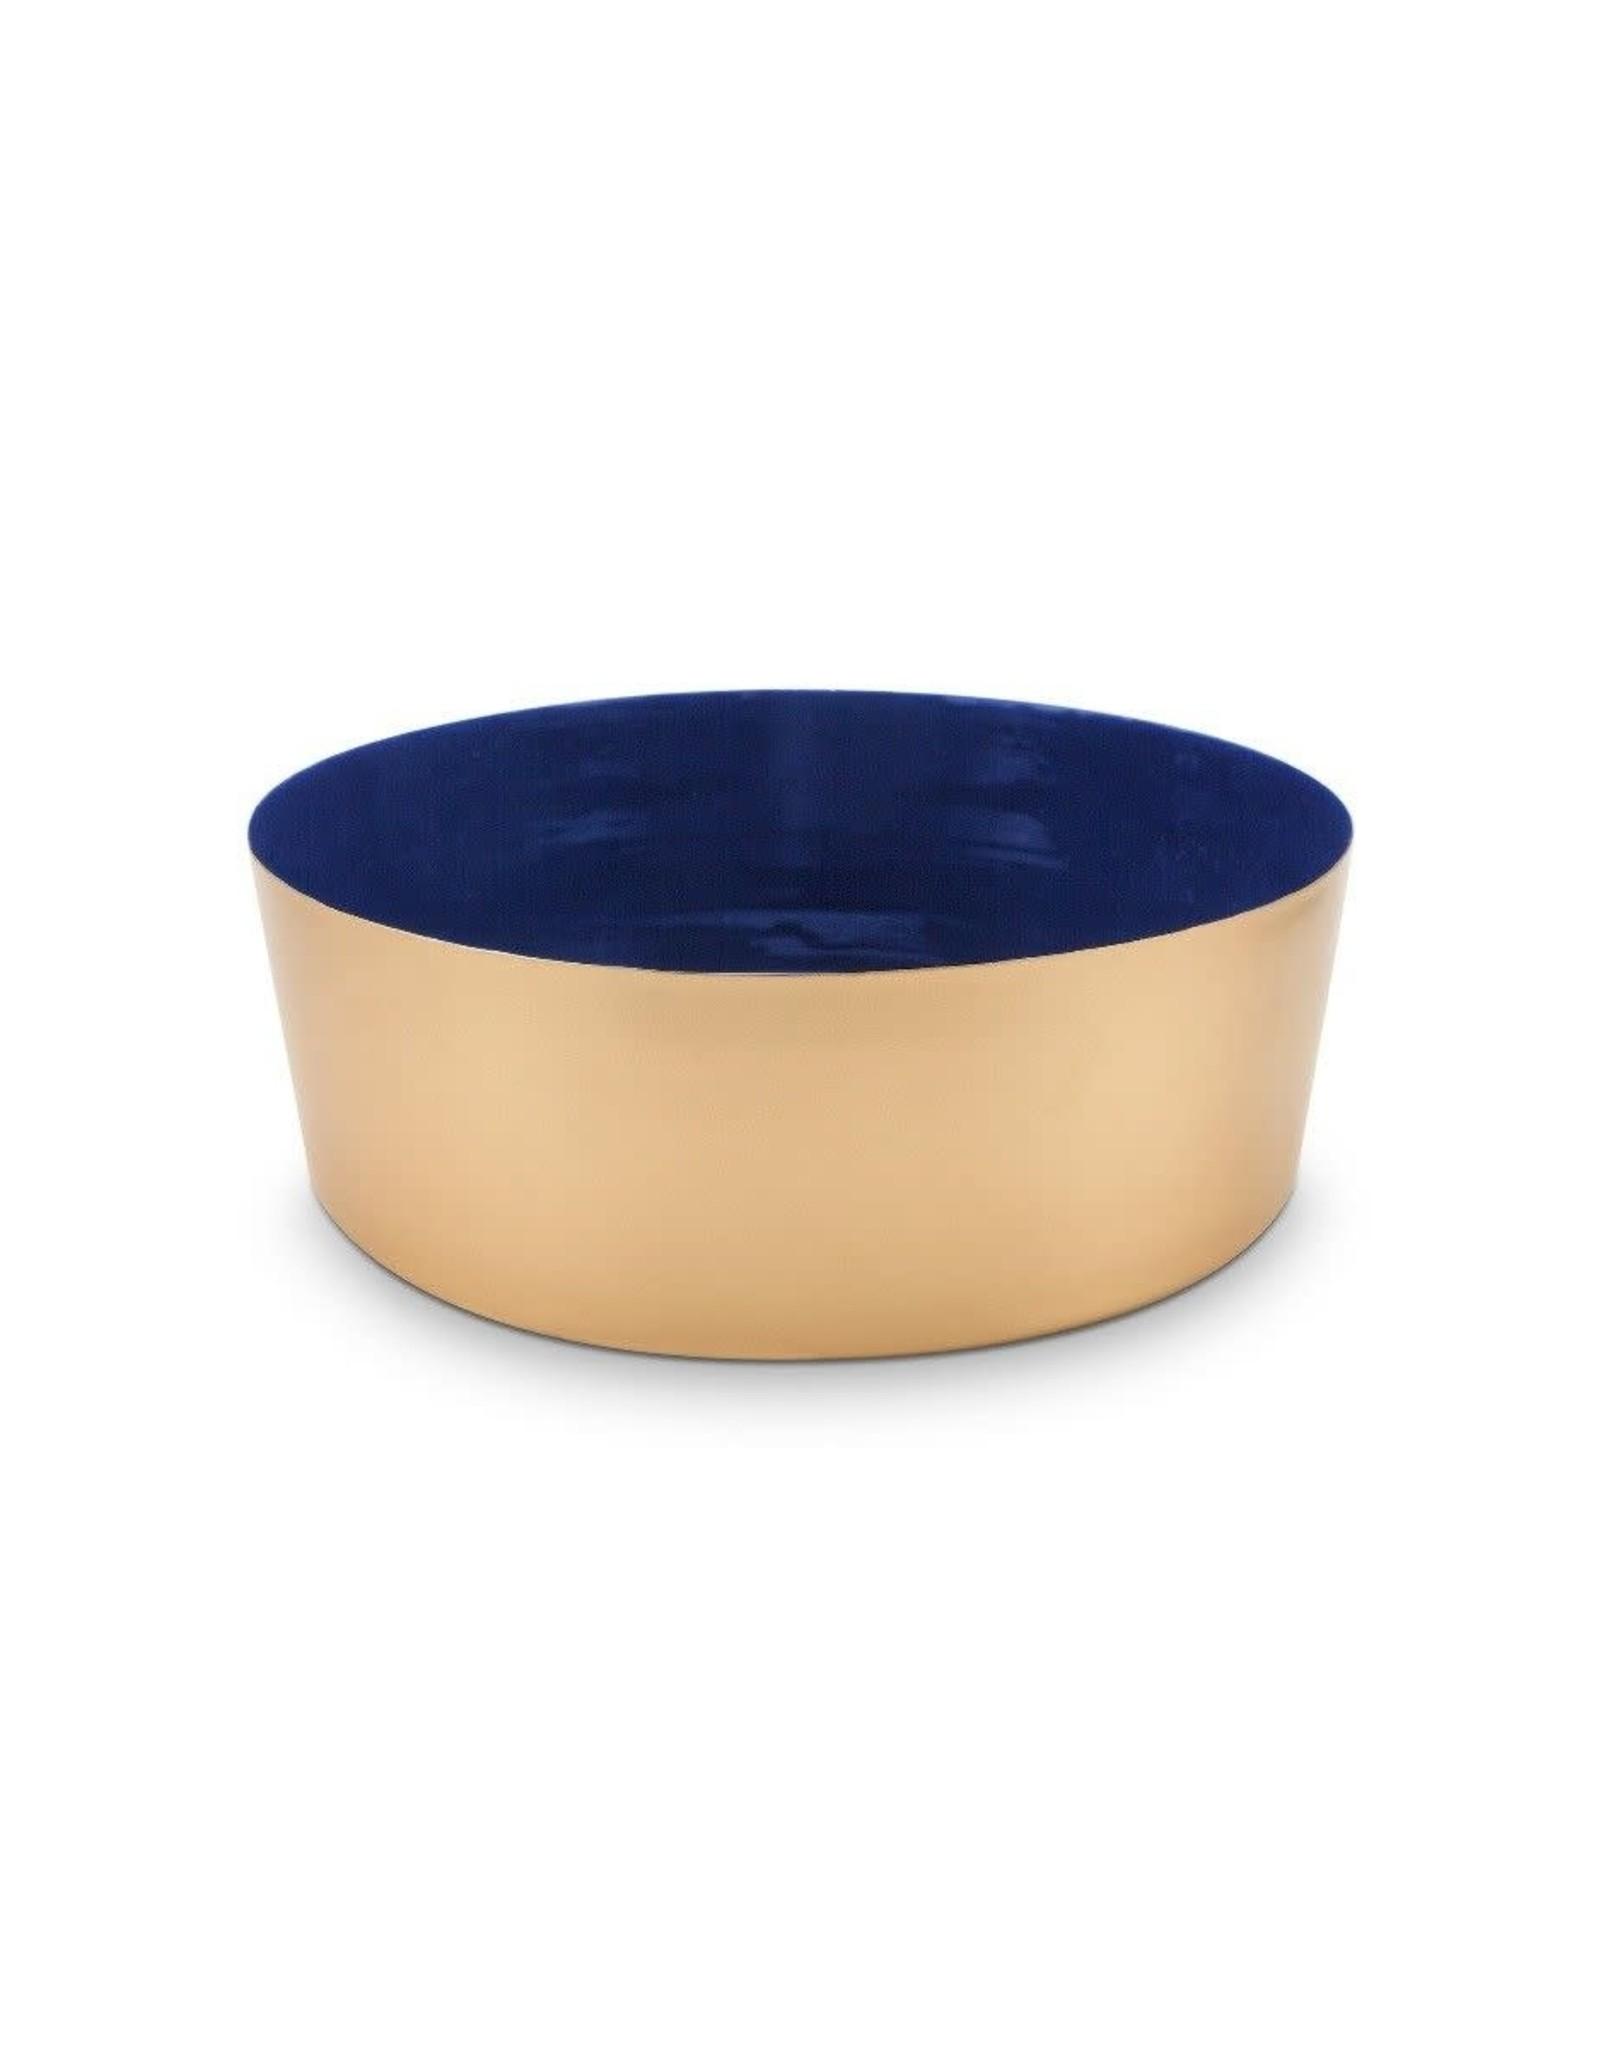 pip-studio Pip studio. Royal metal bowl goud 26,5 cm